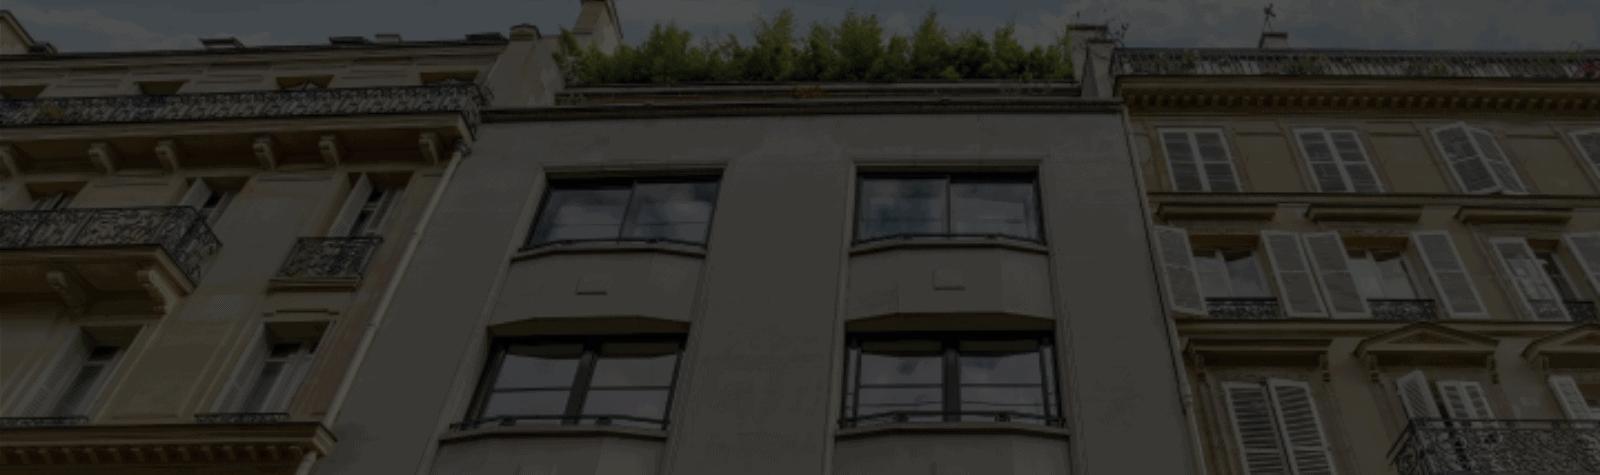 LaSalle acquiert un nouvel immeuble  dans le 9e arrondissement de Paris